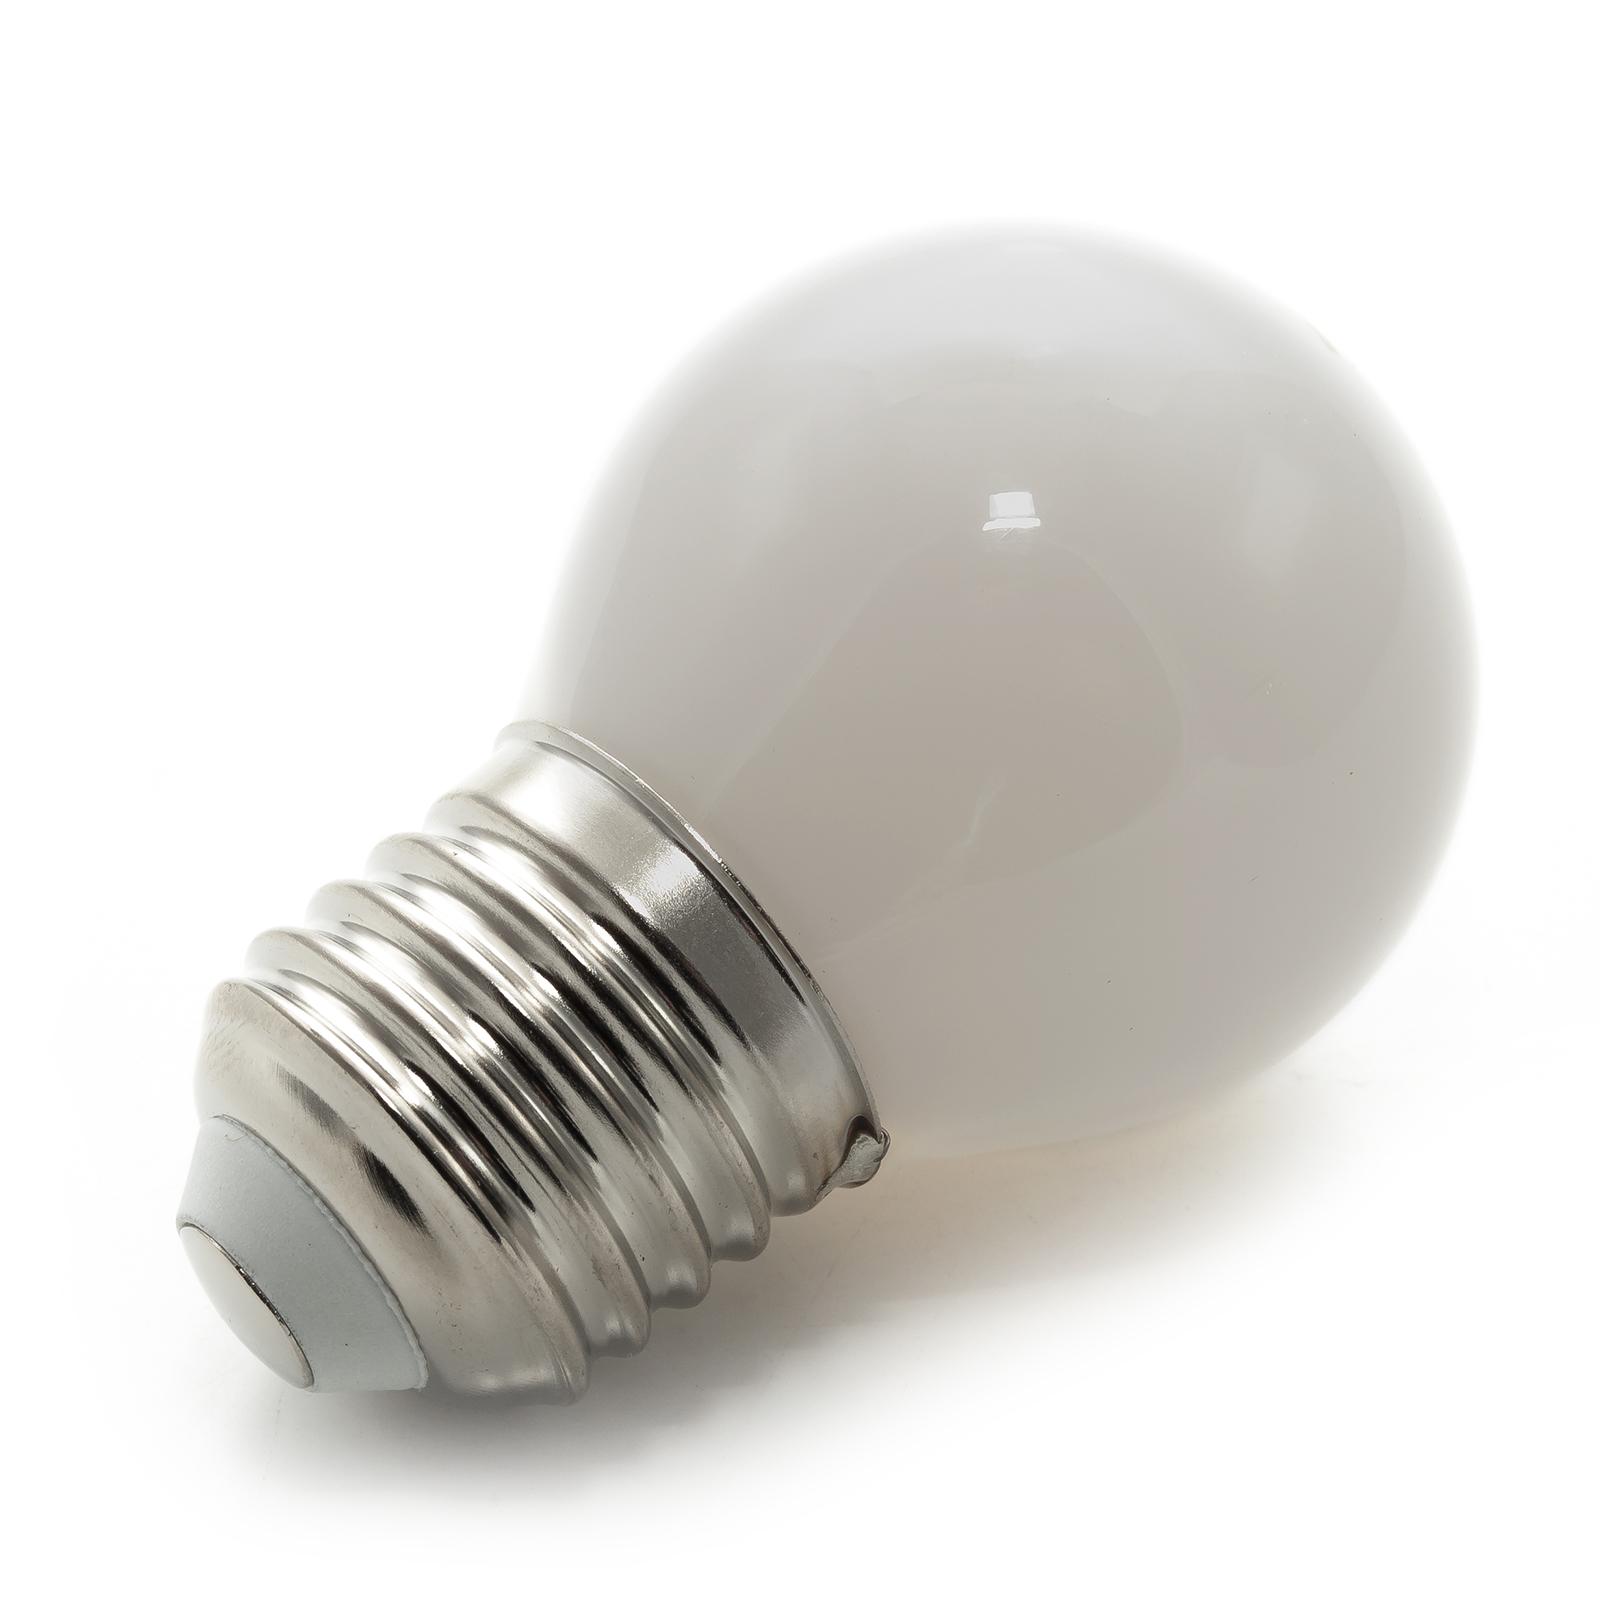 Lampadine Led E27 Luce Calda.Lampadina Led Mini Globo E27 Vetro Luce 360 Gradi 4w 400 Lumen 230v Luce Calda